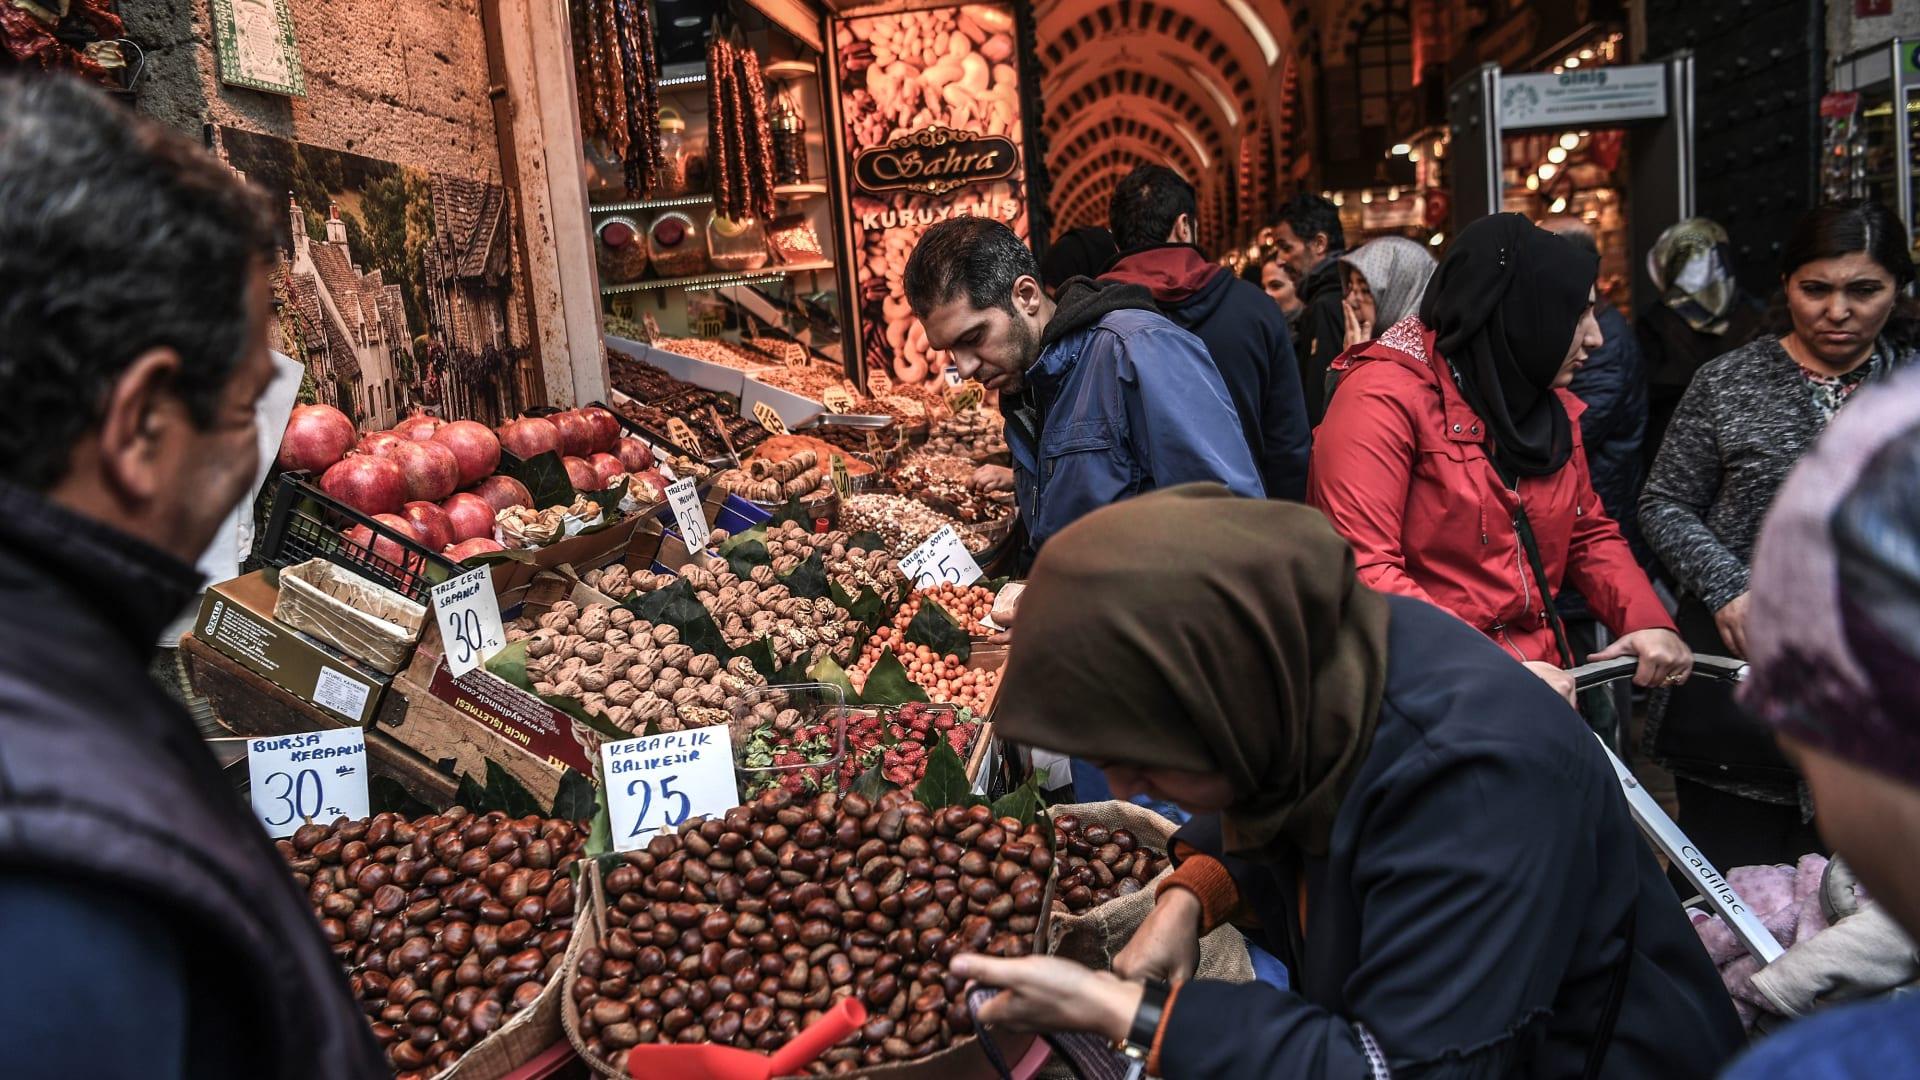 كيف سار منحنى التجارة بين العرب وتركيا بعد قضية خاشقجي؟